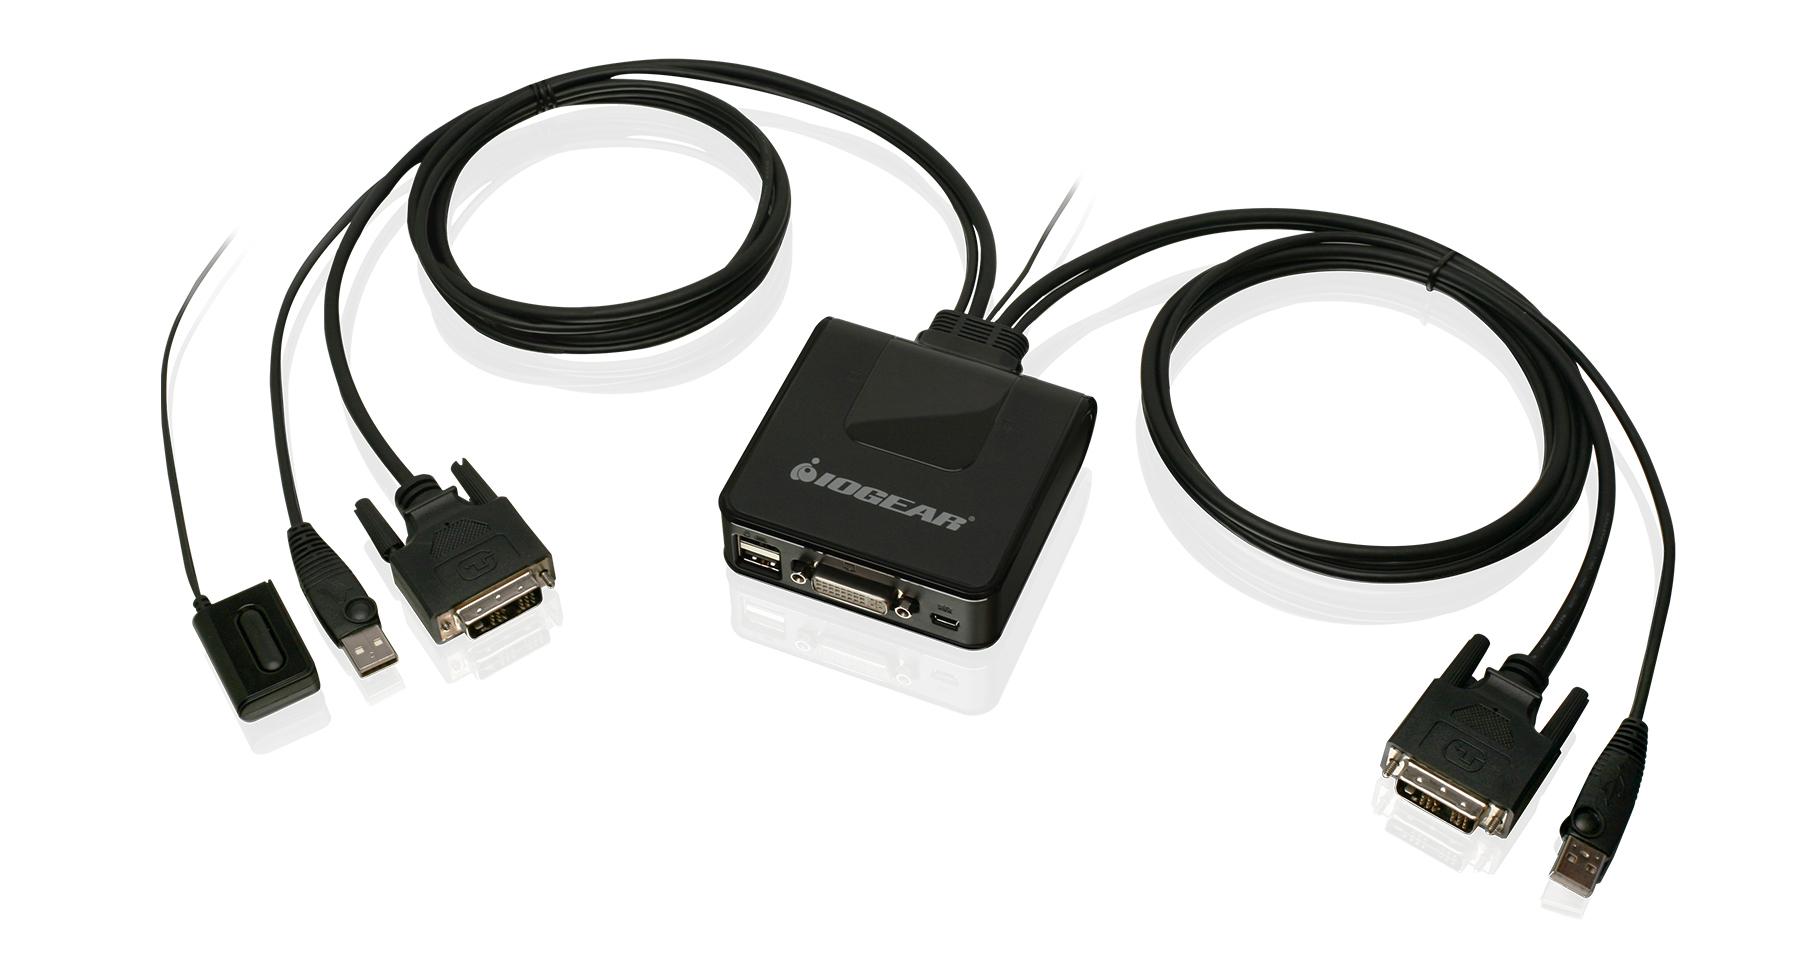 IOGEAR - GCS922U - 2-Port USB DVI Cable KVM Switch